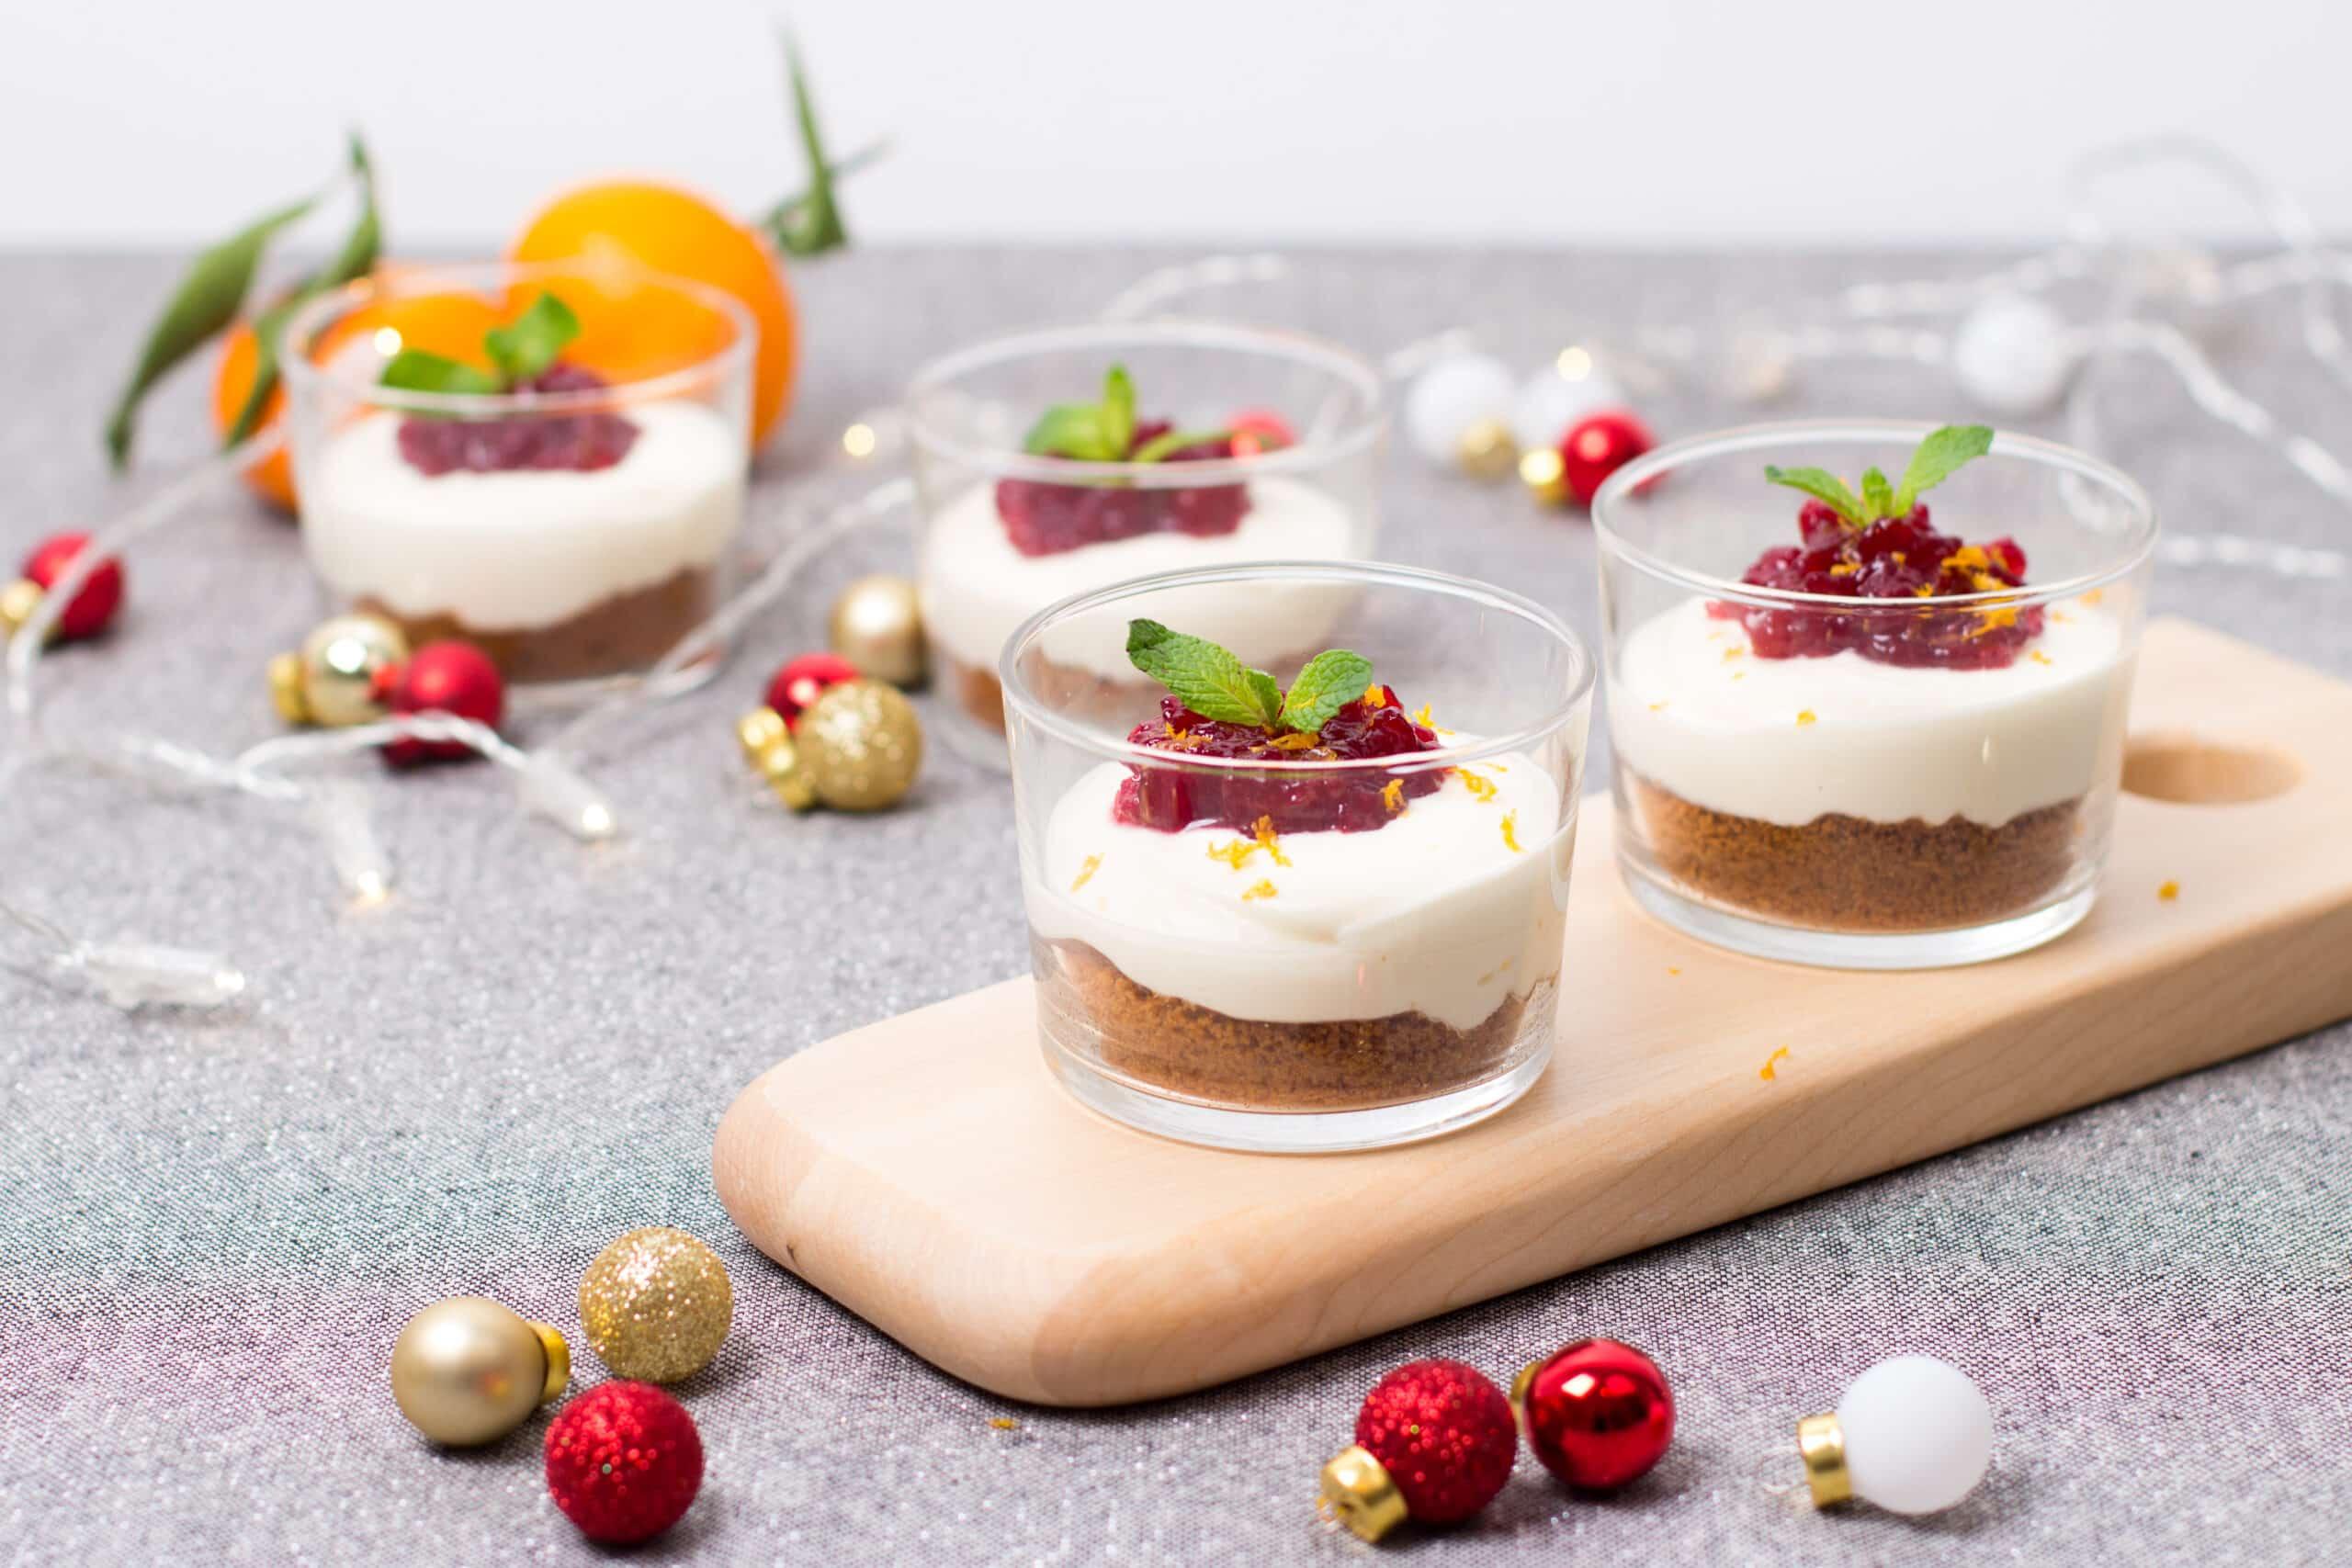 glaasjes cheesecake met speculaas